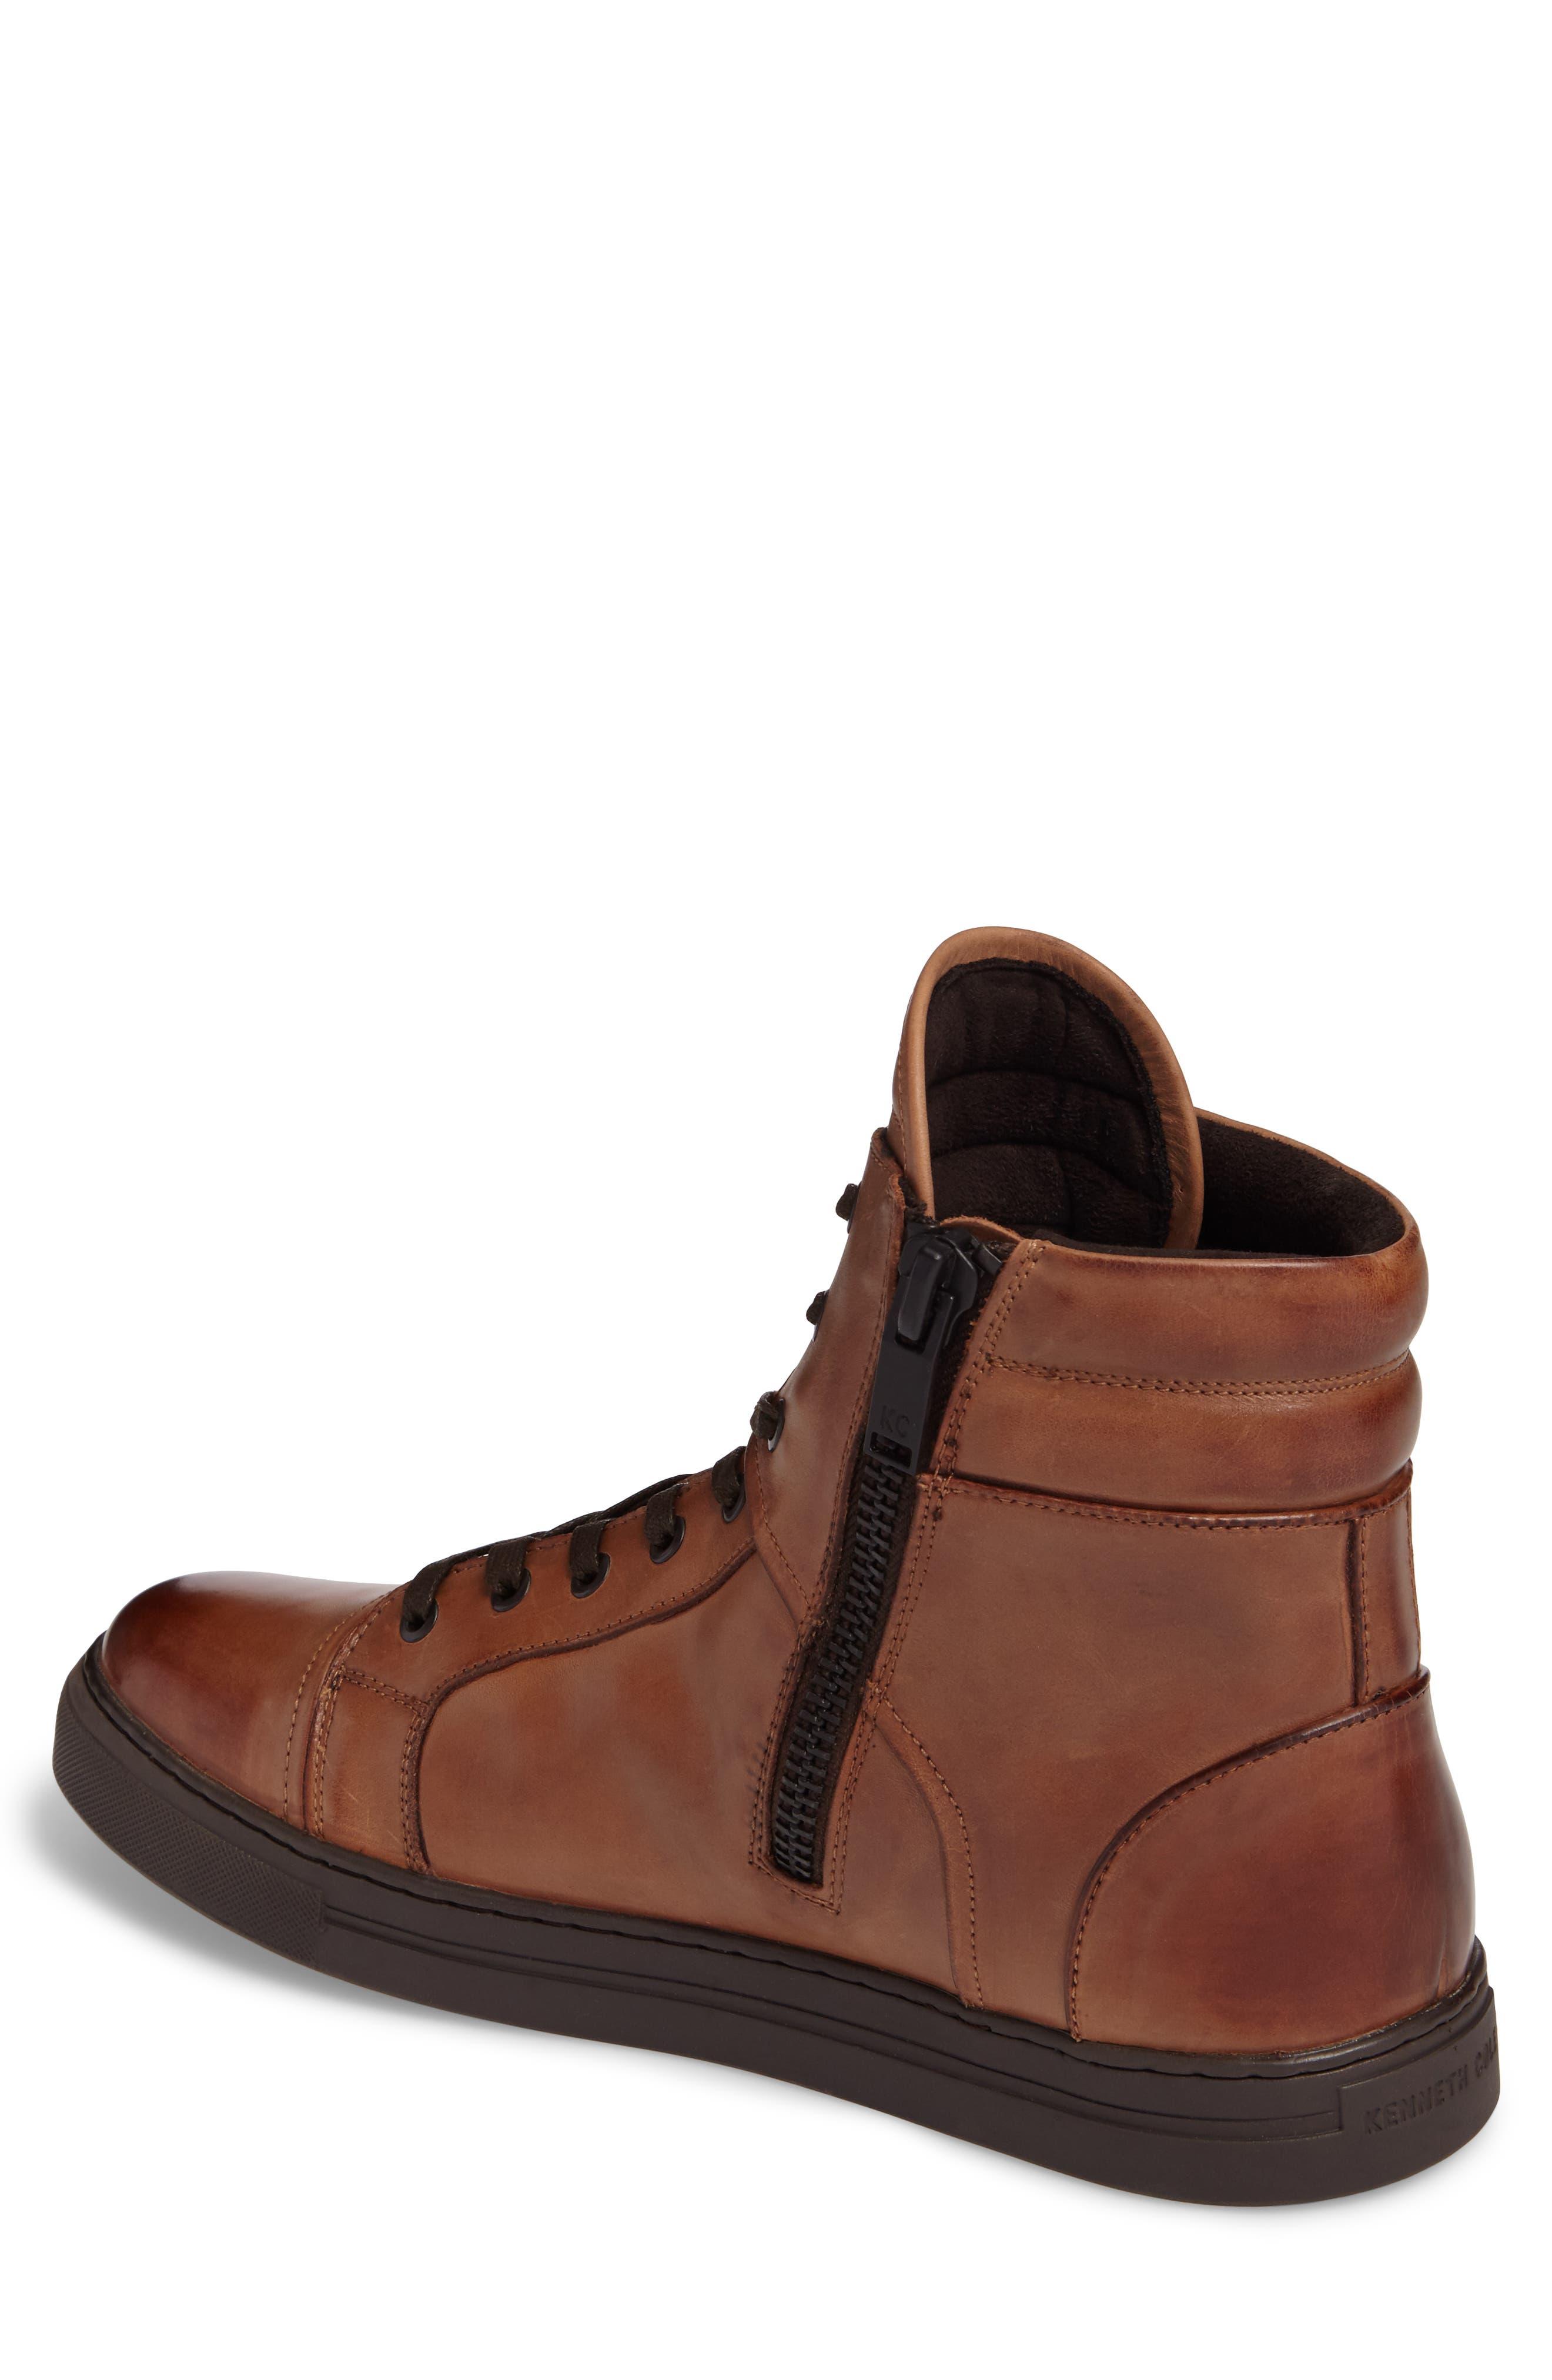 Alternate Image 2  - Kenneth Cole New York Double Header Sneaker (Men)